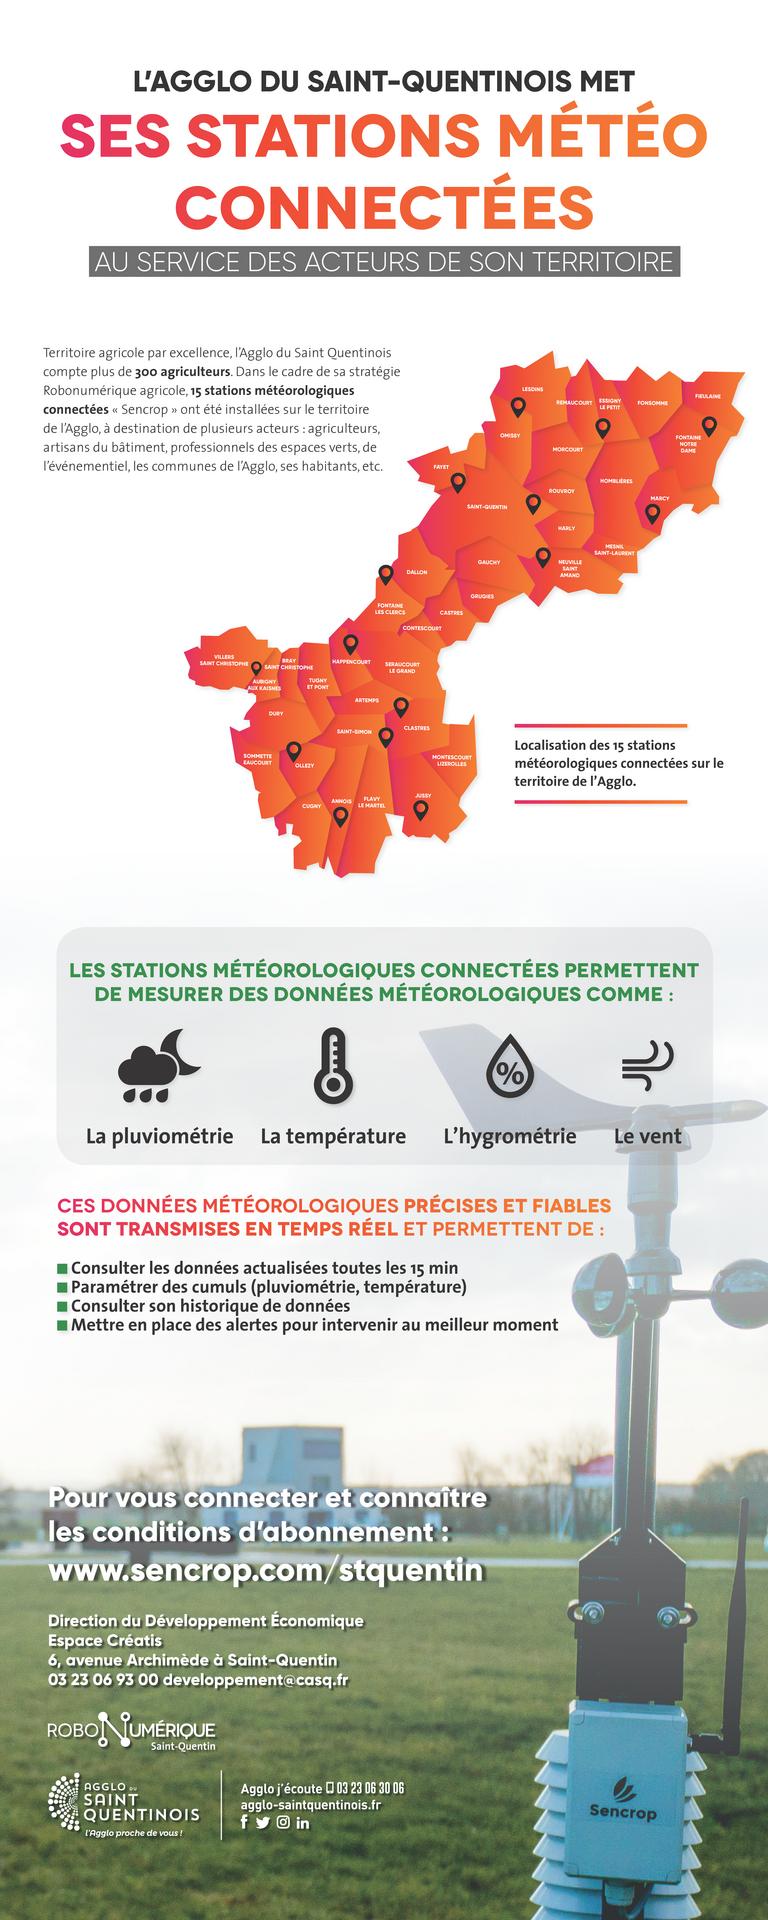 🌬️En plus des stations météo connectées sur le territoire de @AggloStQuentin , la carte interactive permet de connaitre l'indice de la qualité de l'air de @AtmoHdF #Meteo #MeteoConnectee #air #QualiteAir #AggloSaintQuentinois agglo-saintquentinois.fr/engagee/le-ter…